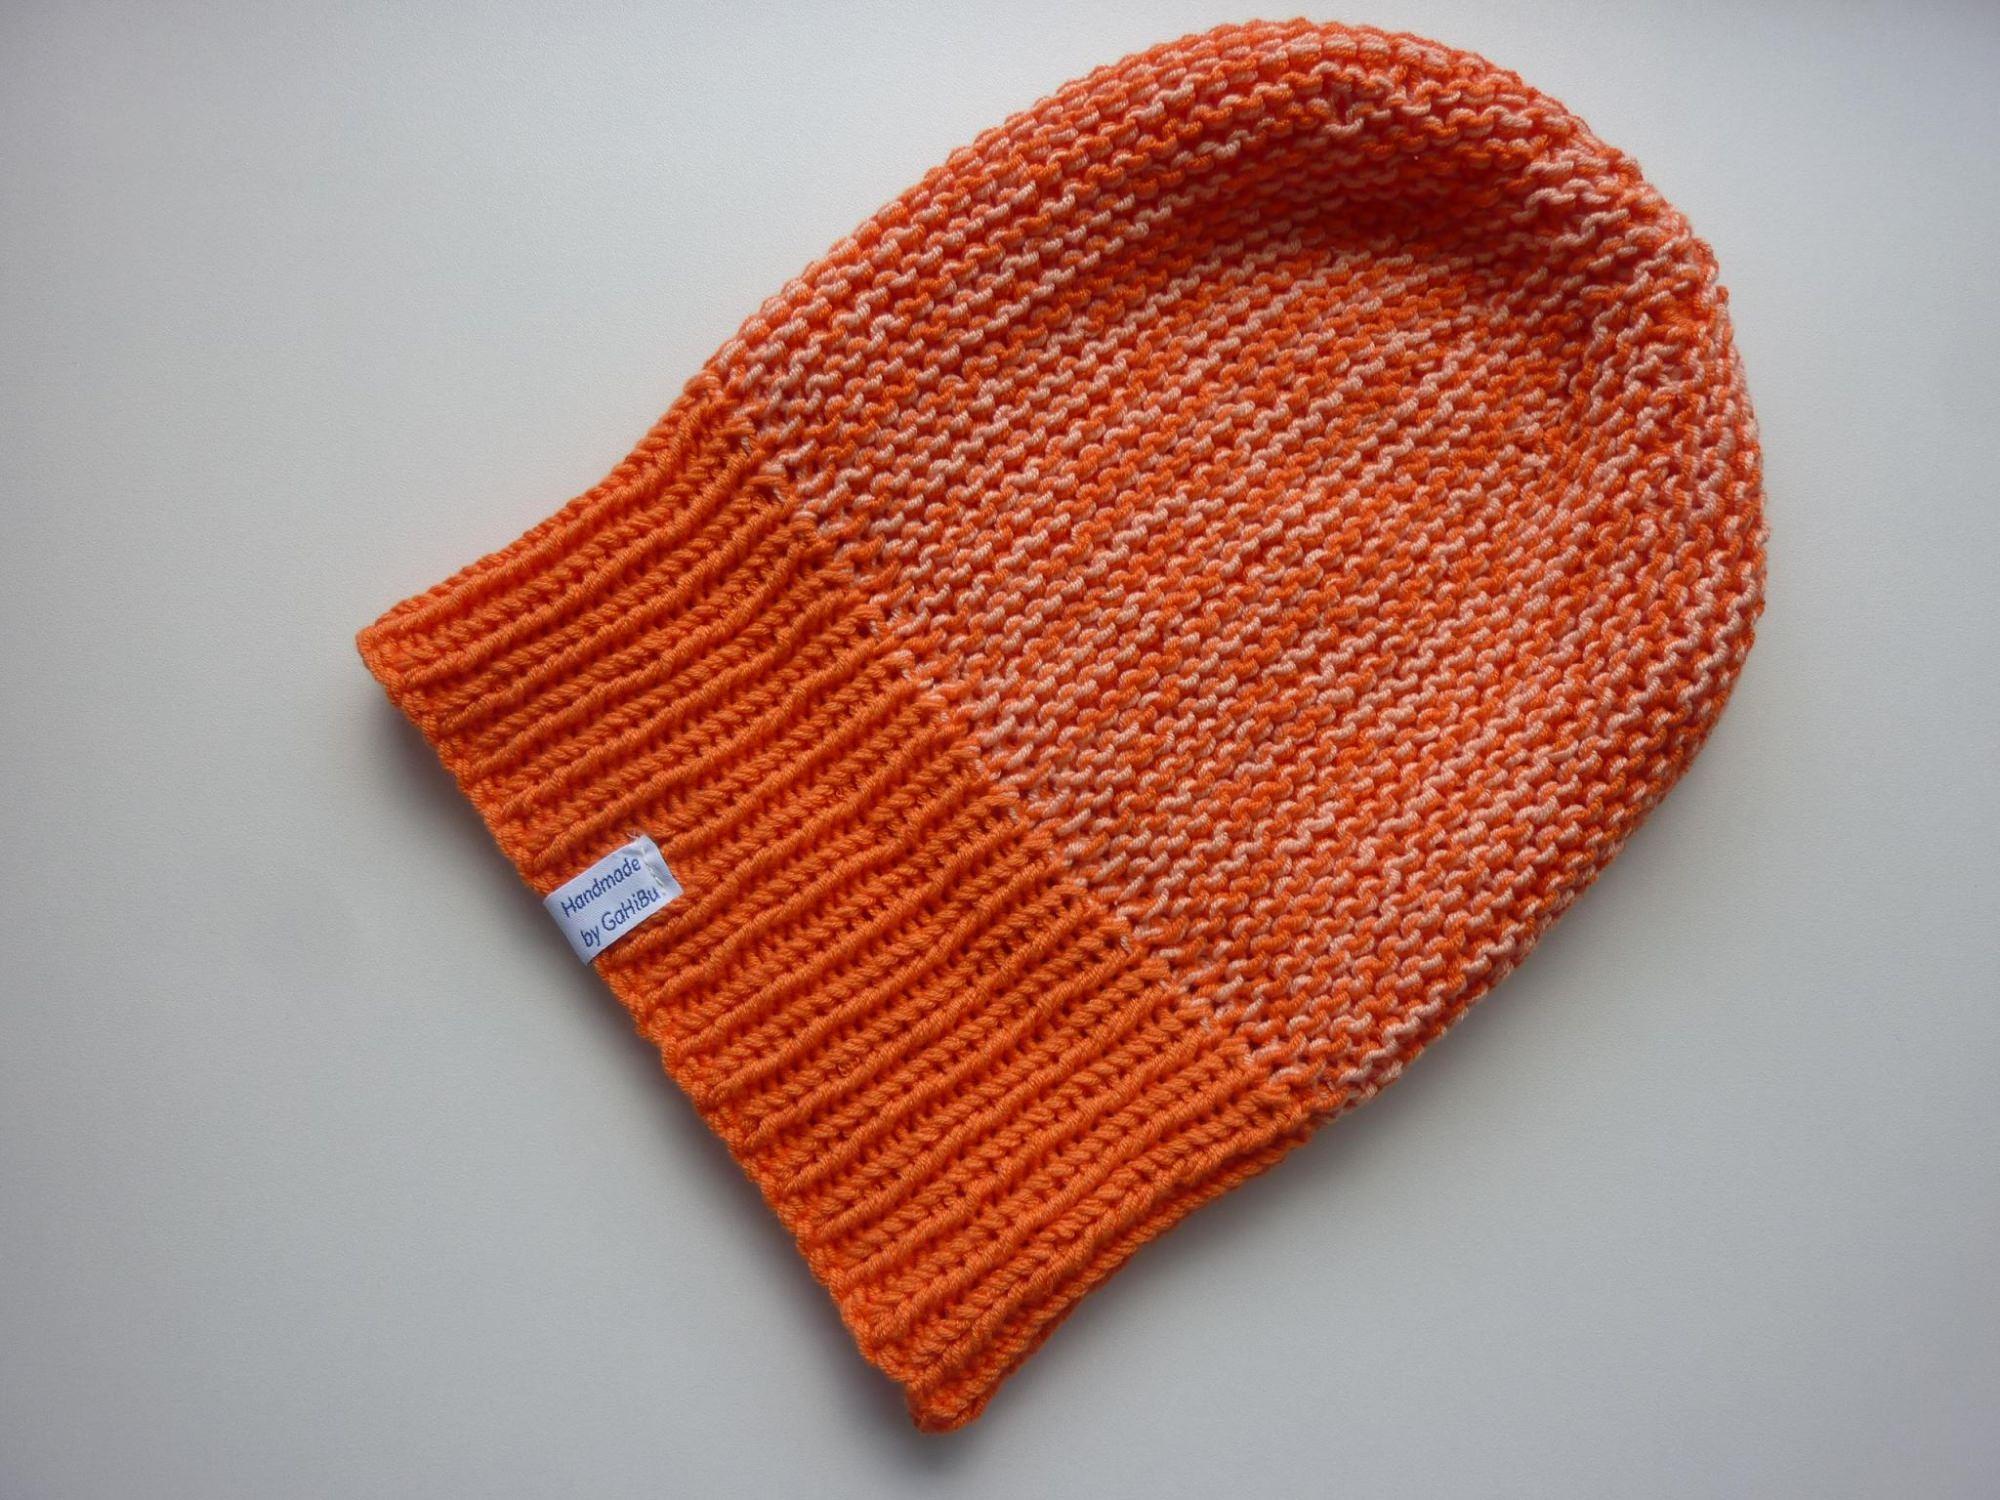 Kleinesbild - Strickmütze Orange Lachs mit Umschlag aus Baumwolle handgestrickt